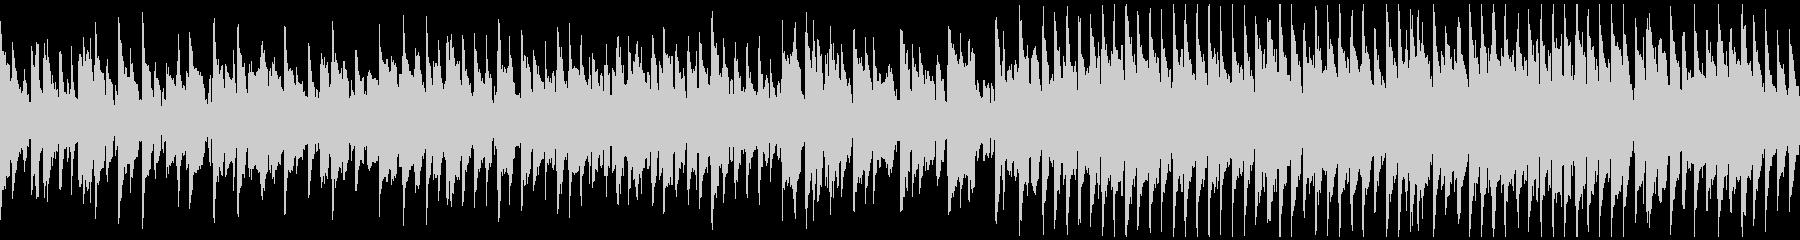 明るいリコーダー、軽快なリズム※ループ版の未再生の波形